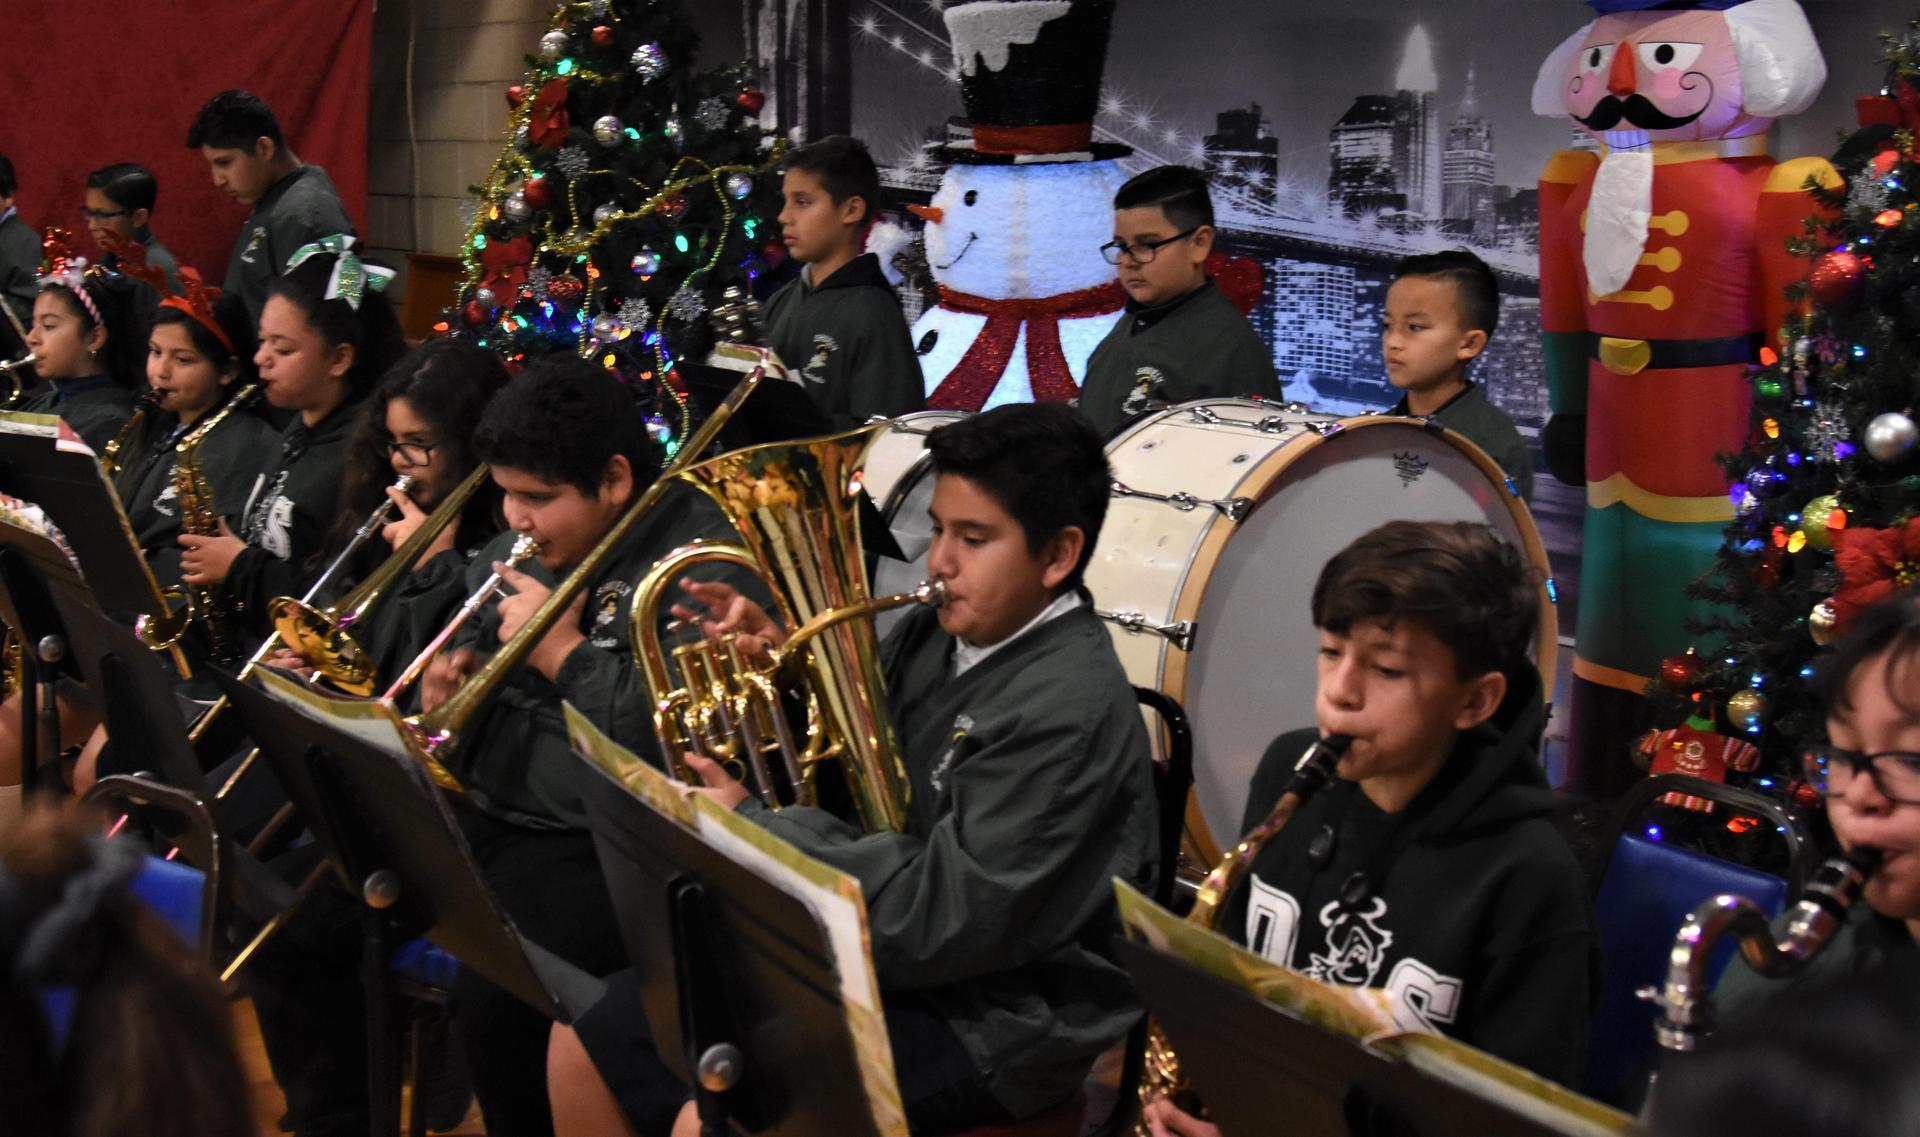 Band Holiday 19 - 2